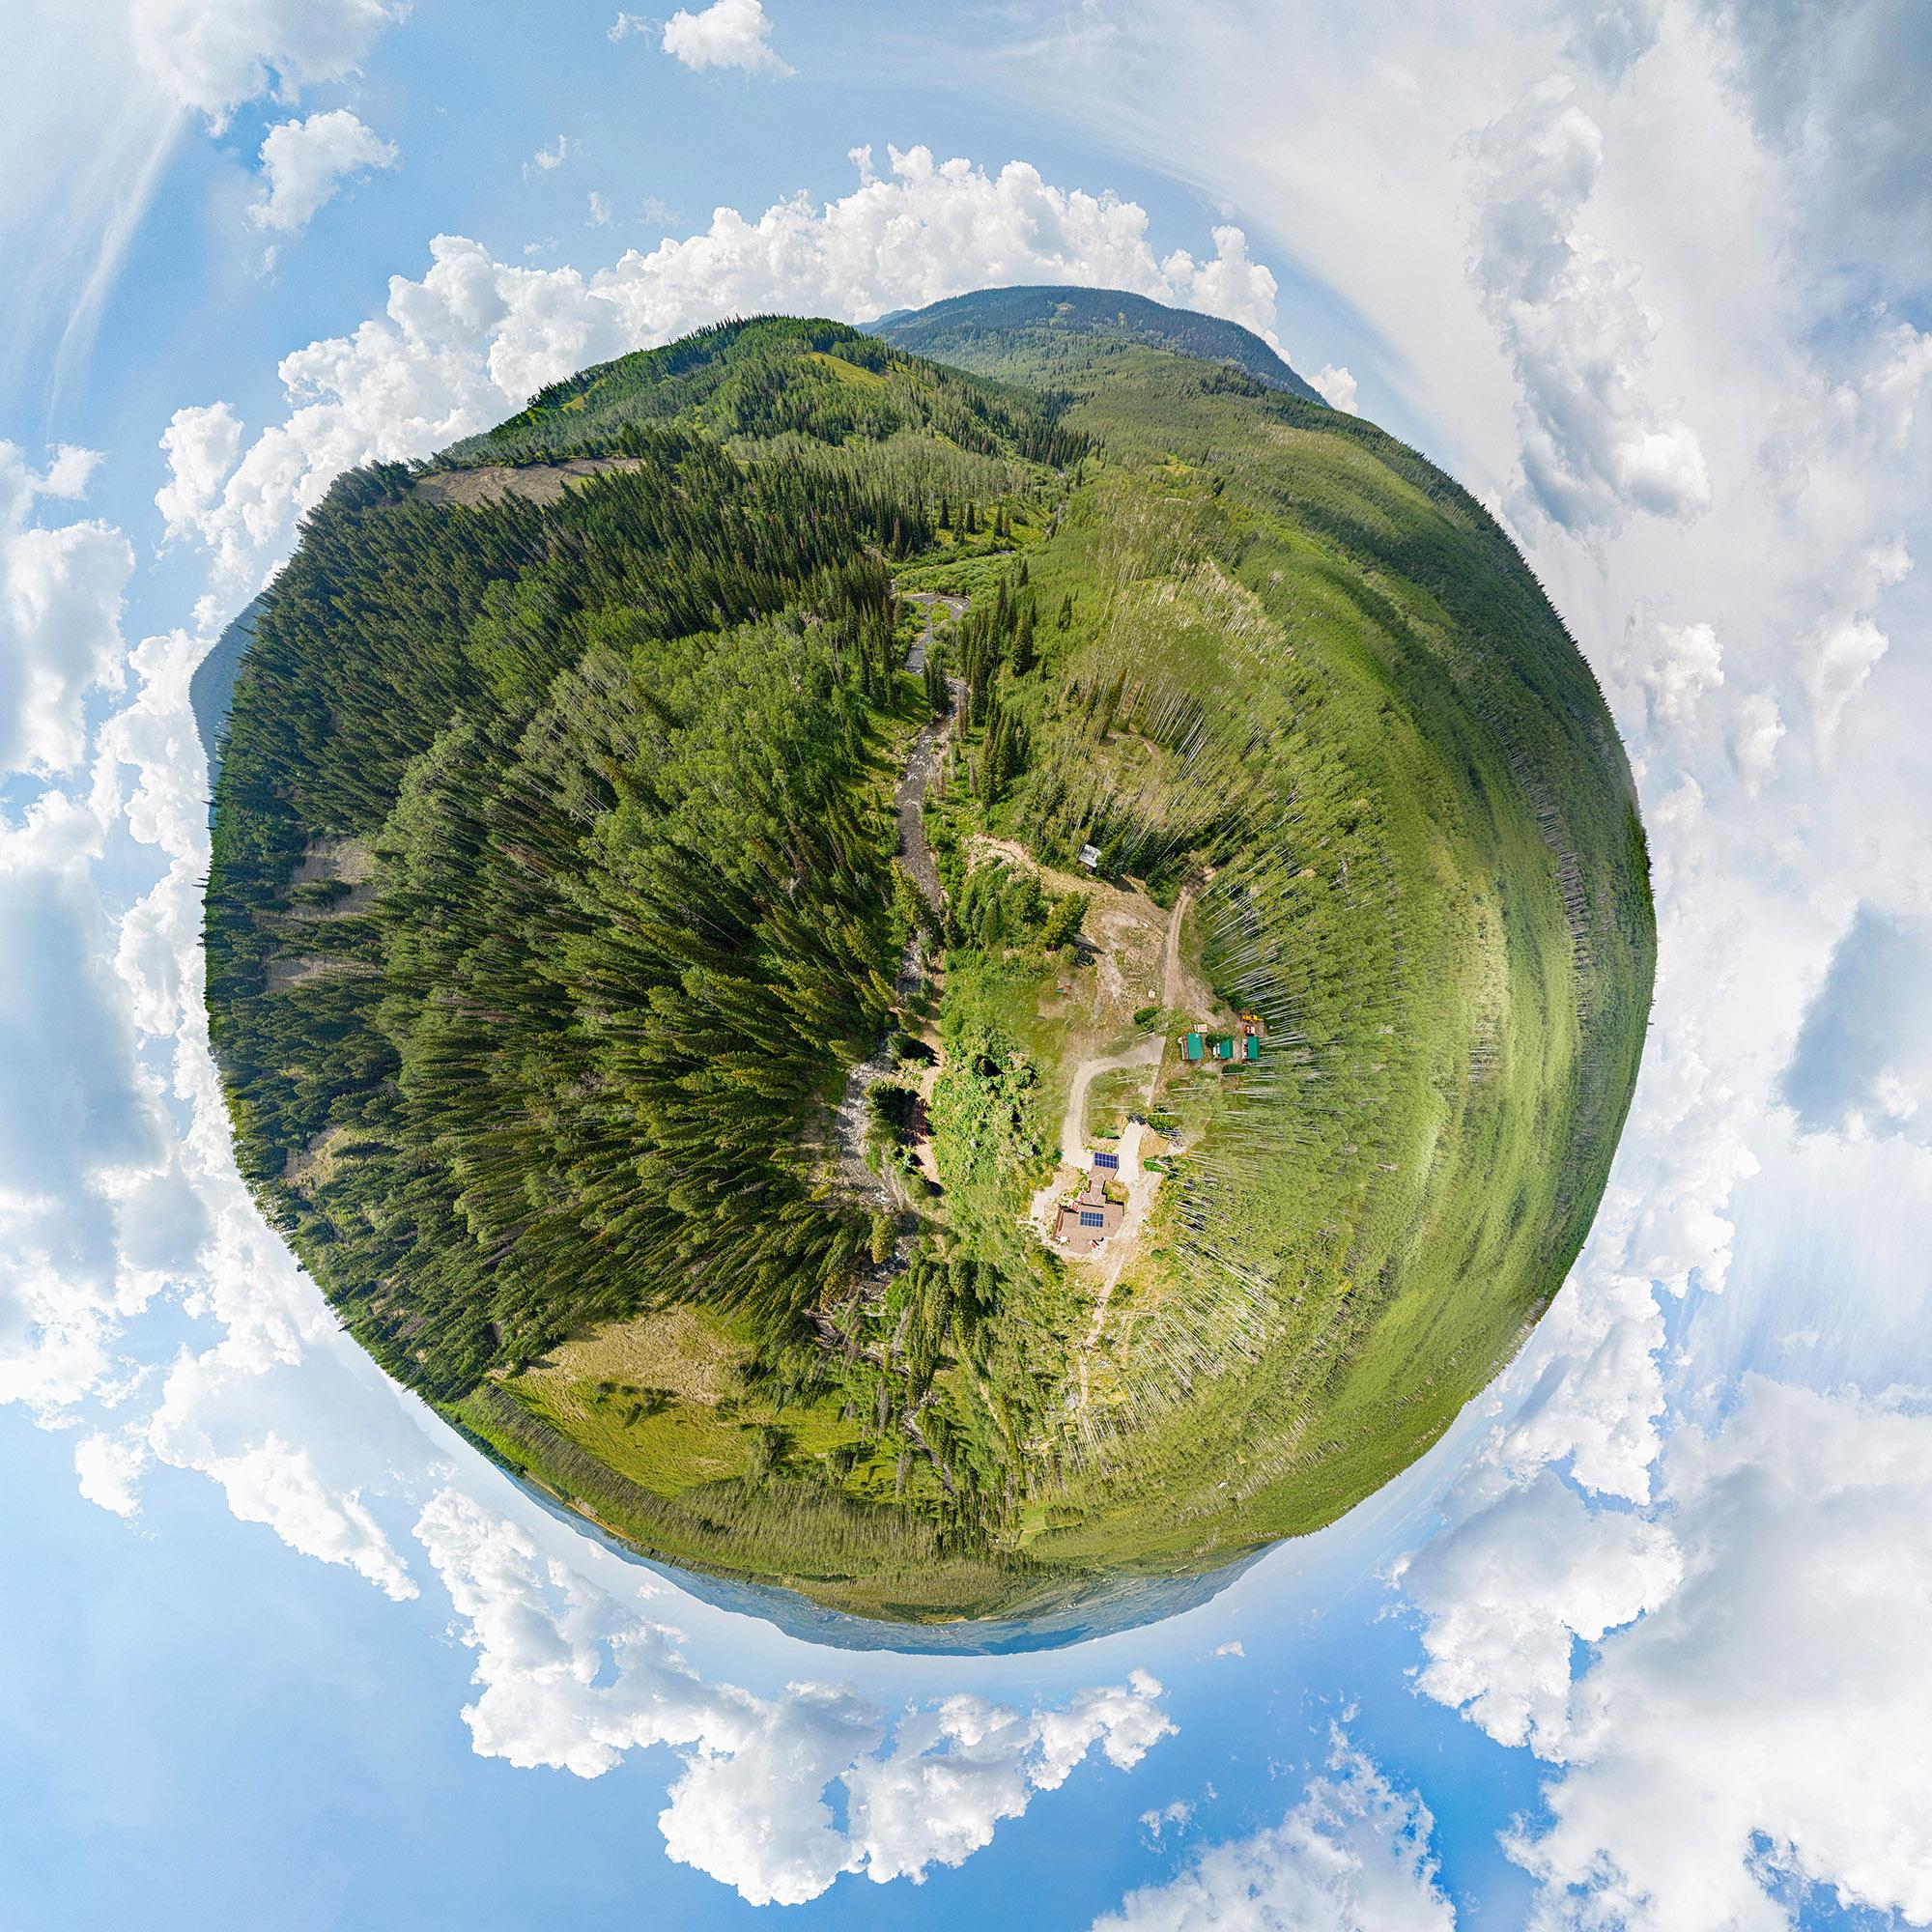 Aerial-360-tiny-planet-panorama-02.jpg